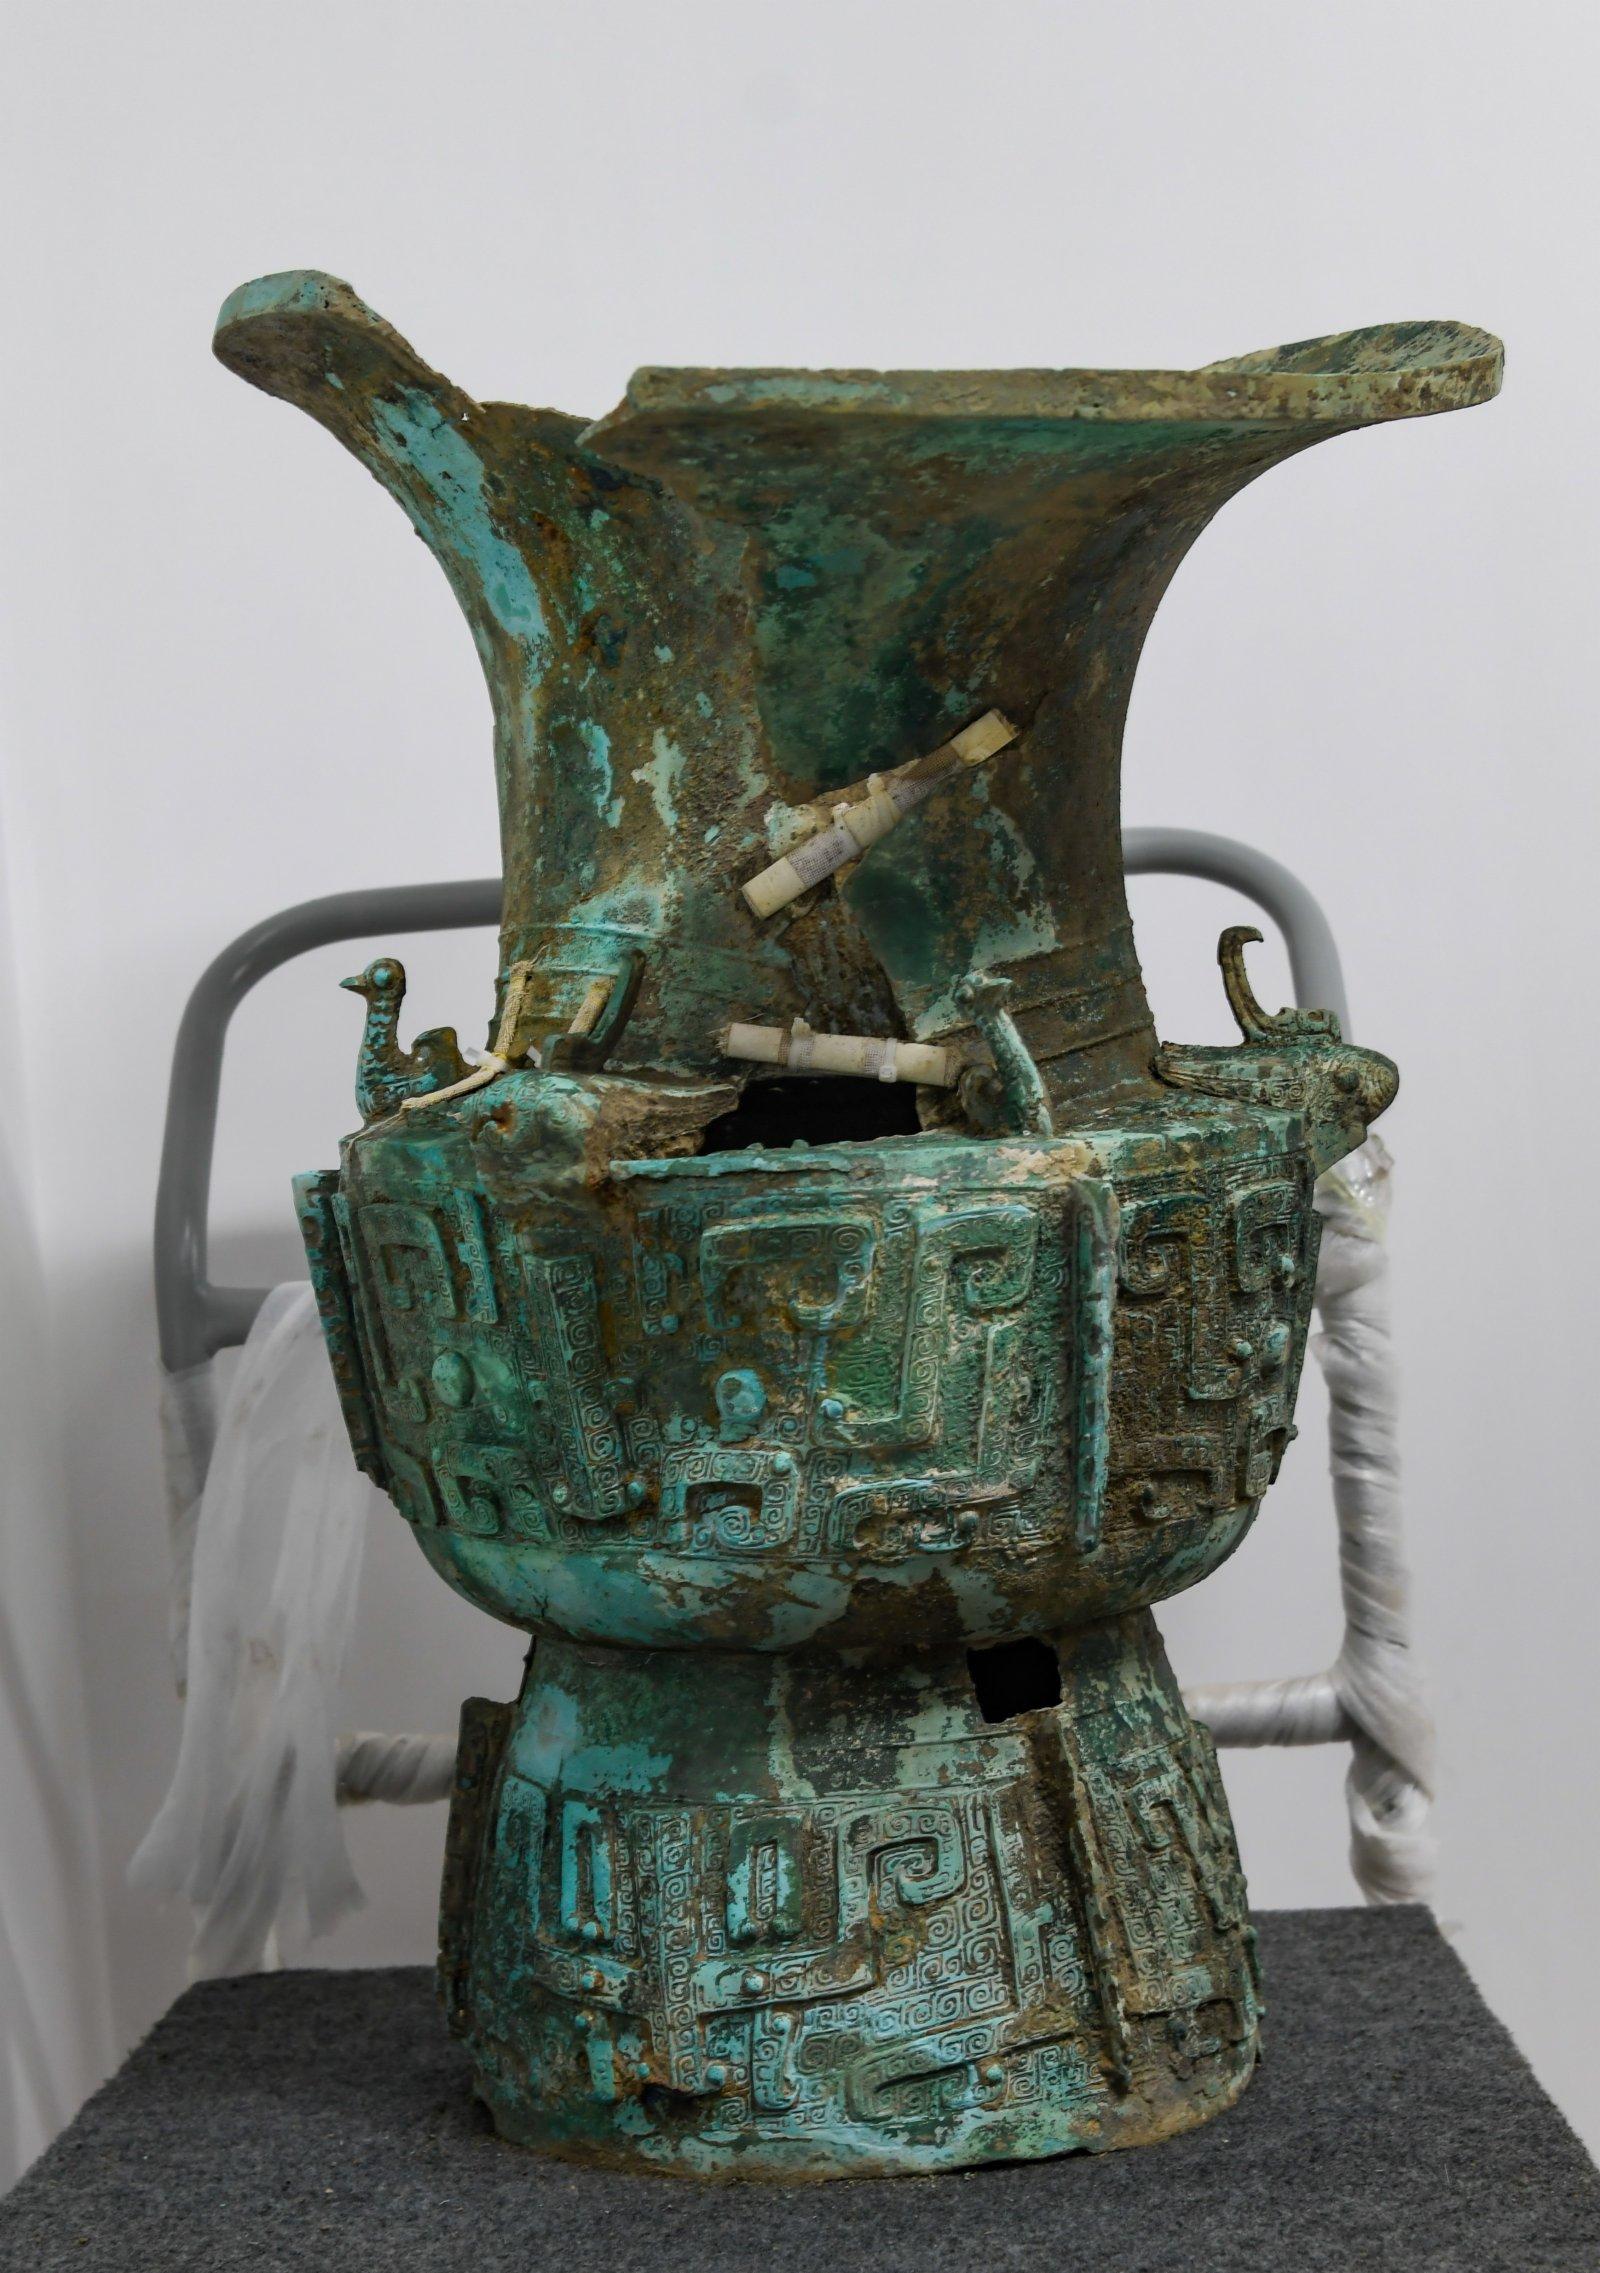 這是在四川省文物考古研究院三星堆考古研究所拍攝的三星堆遺址3號「祭祀坑」出土的銅尊(9月2日攝)。